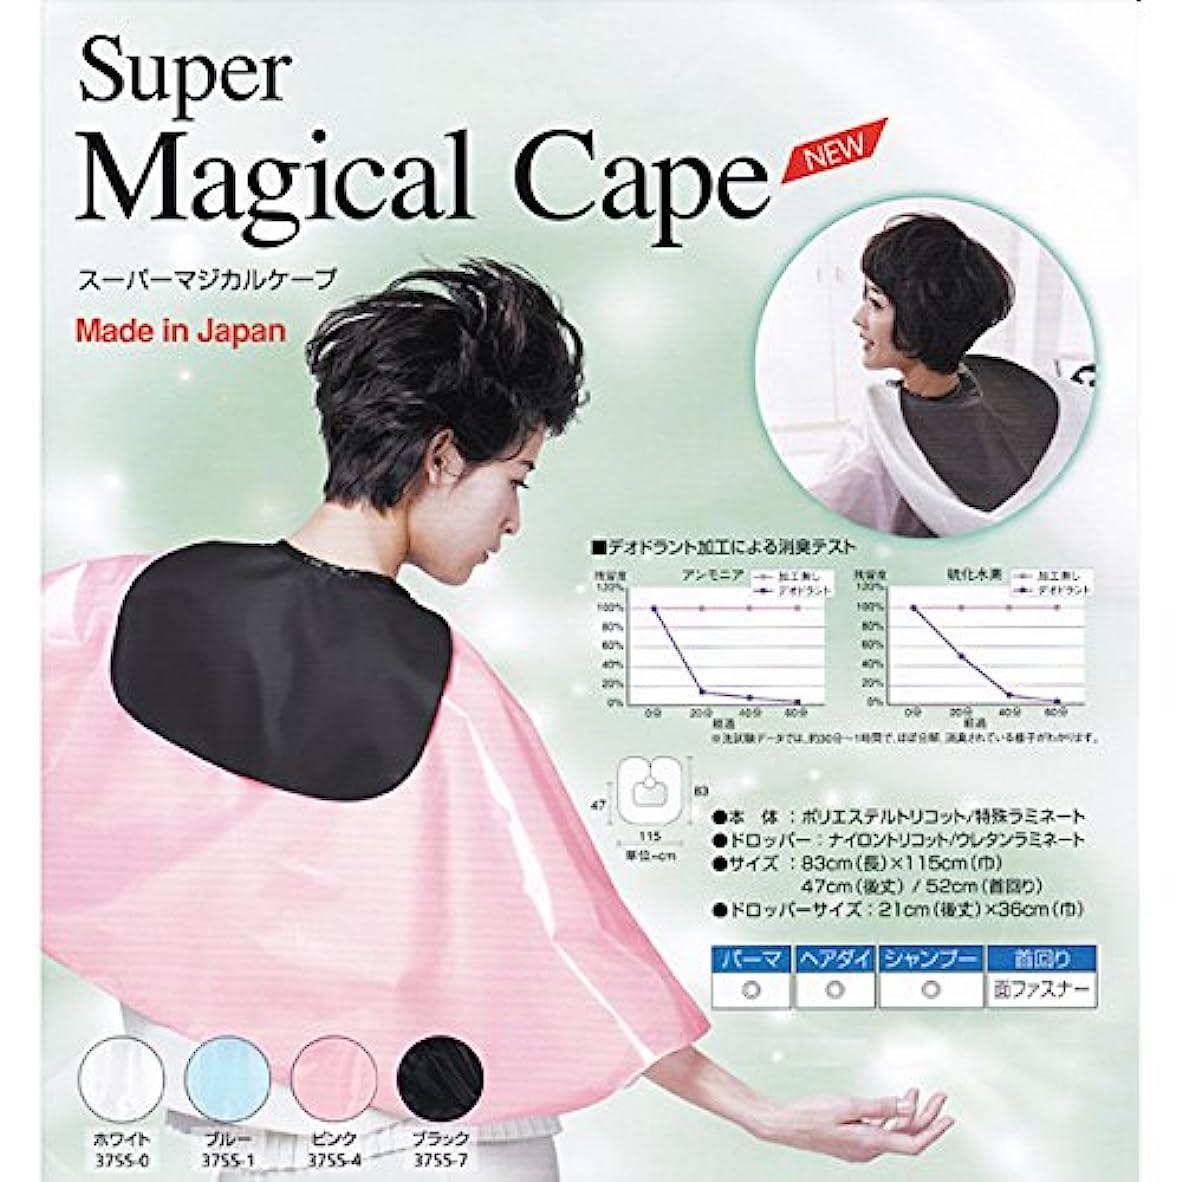 マーチャンダイジング南西達成するワコウ スーパーマジカルケープ No.3759 3755-7(ブラック)